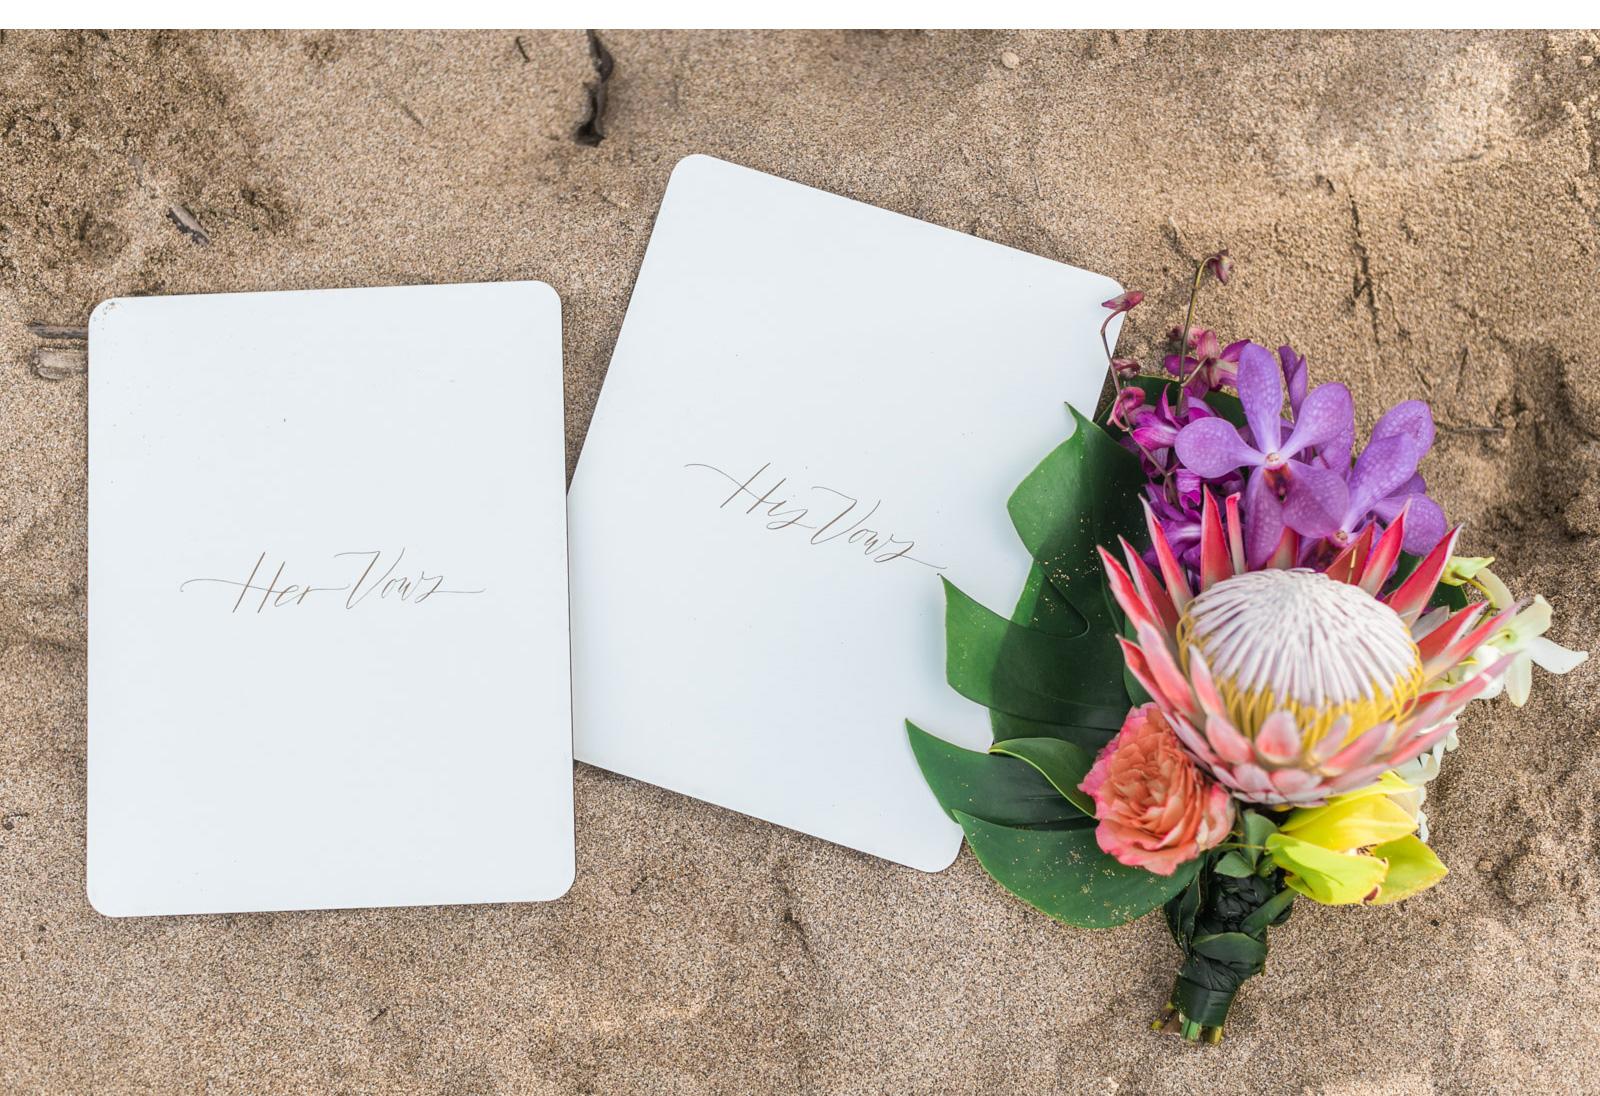 Natalie-Schutt-Photography---Maui-Destination-Wedding-Photographer_09.jpg